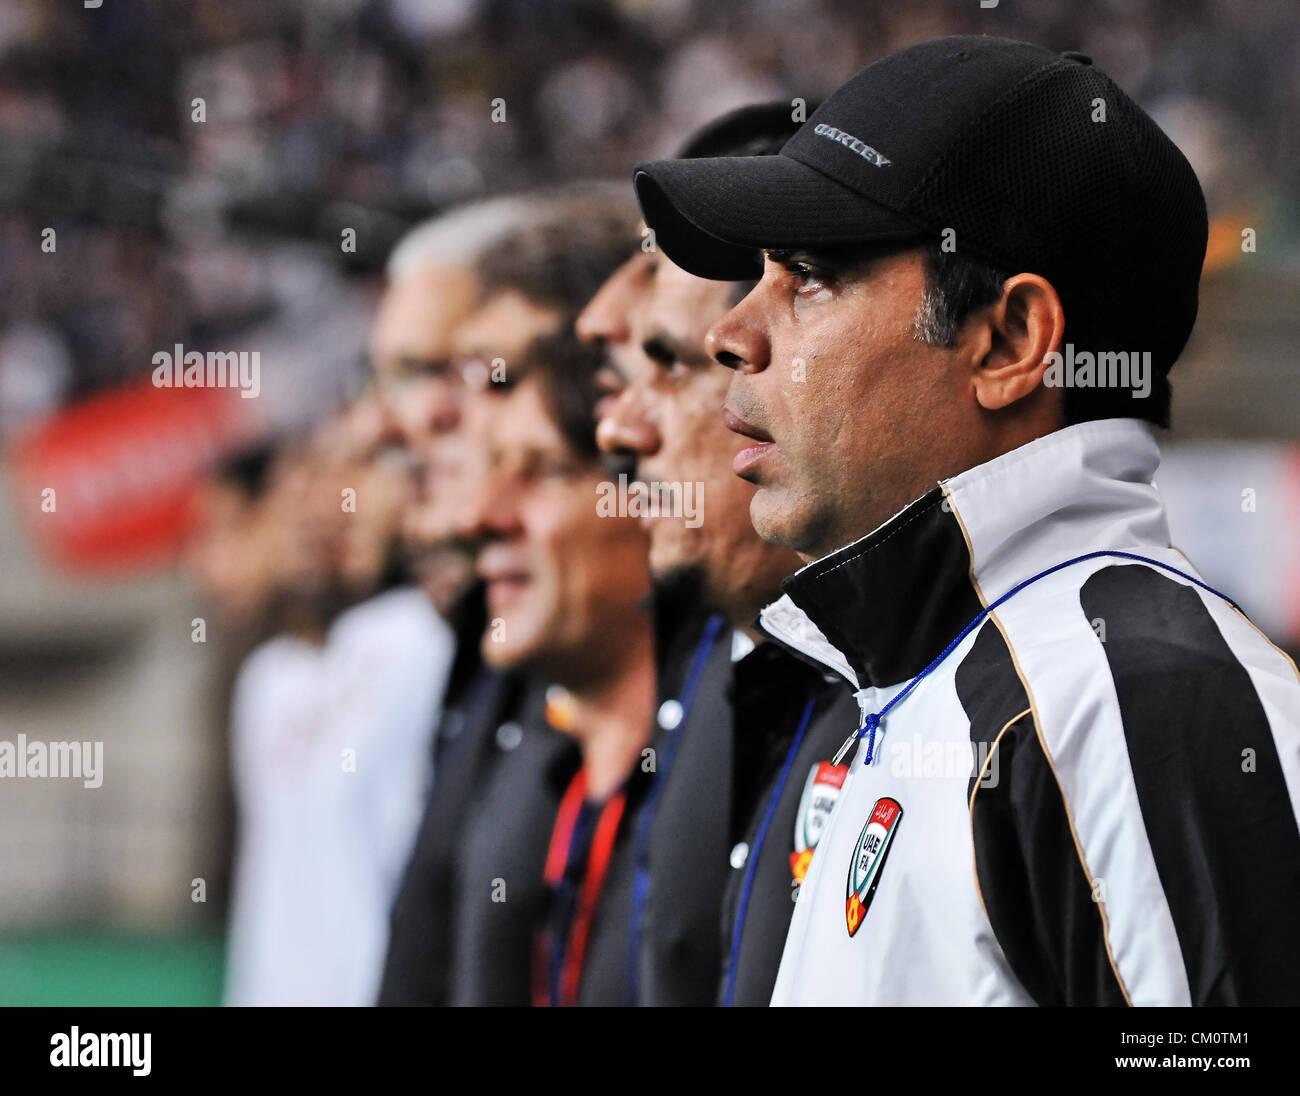 Mahdi Ali (UAE), SEPTEMBER 6, 2012 : Mahdi Ali, Niigata, Japan, Football / Soccer : United Arab Emirates' Head - Stock Image